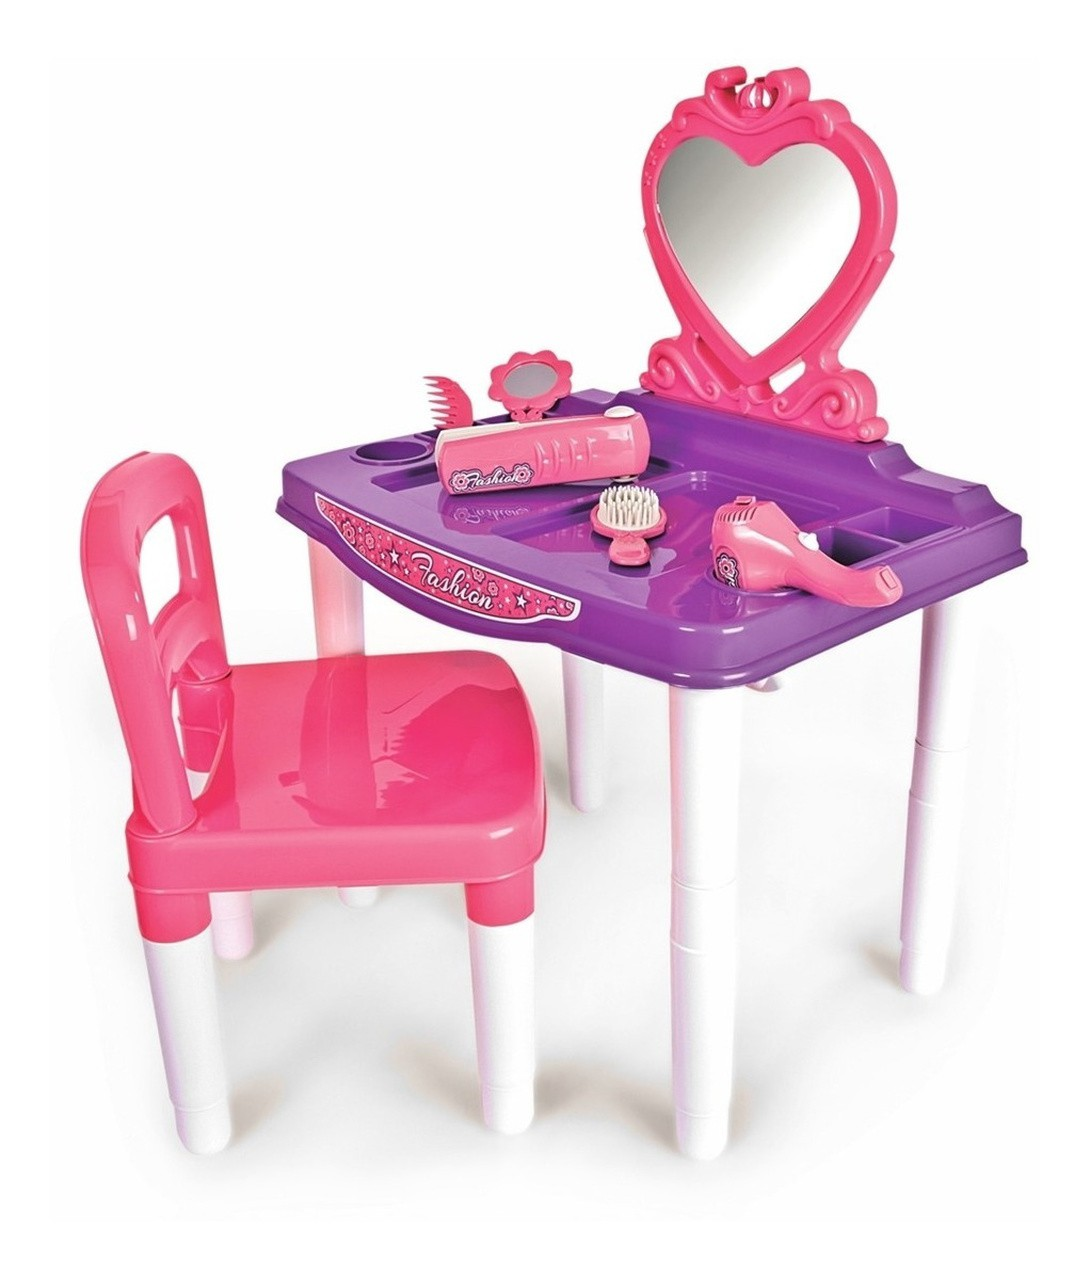 Brinquedo Master Fashion Penteadeira com Cadeira - Poliplac